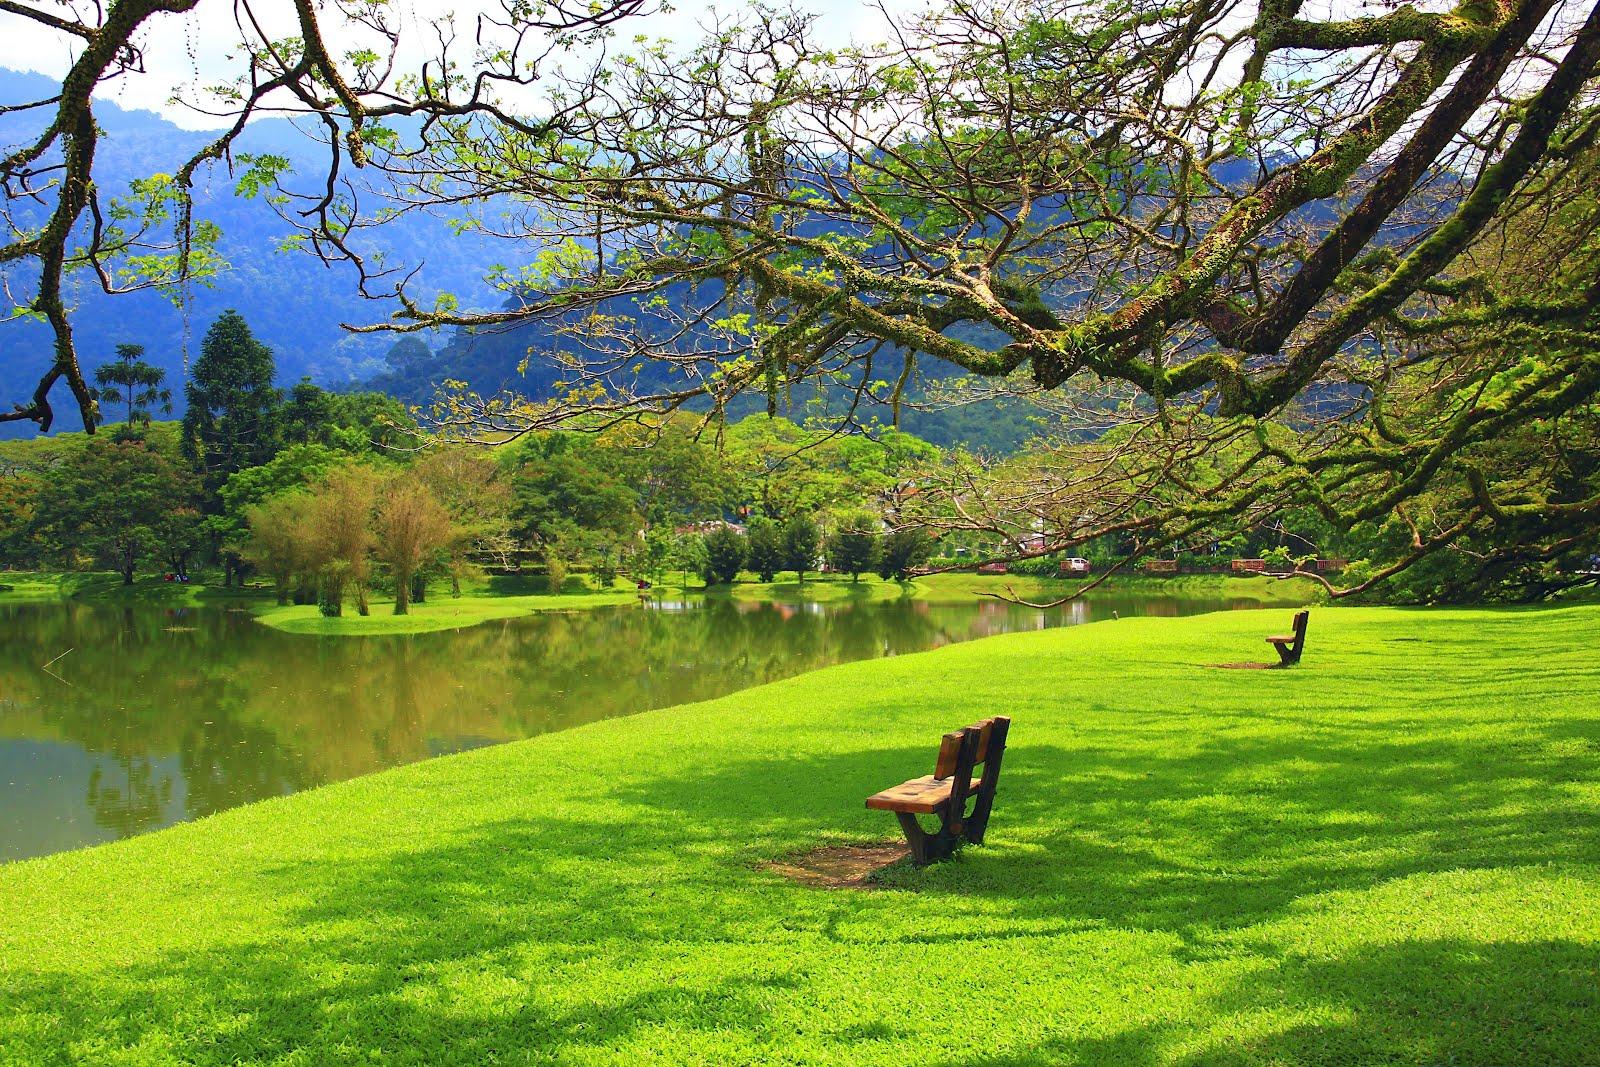 Banco de imagenes un paseo por el jard n del lago en - Arboles bonitos para jardin ...